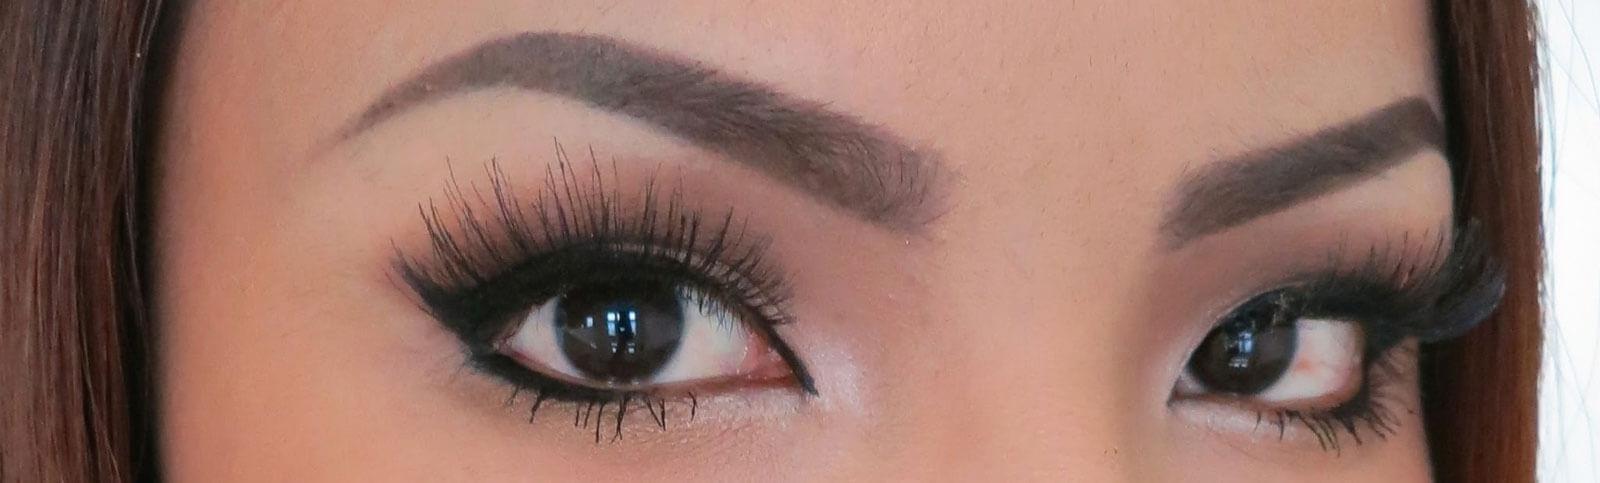 Wedding Makeup Artist Miami Airbrush Makeup